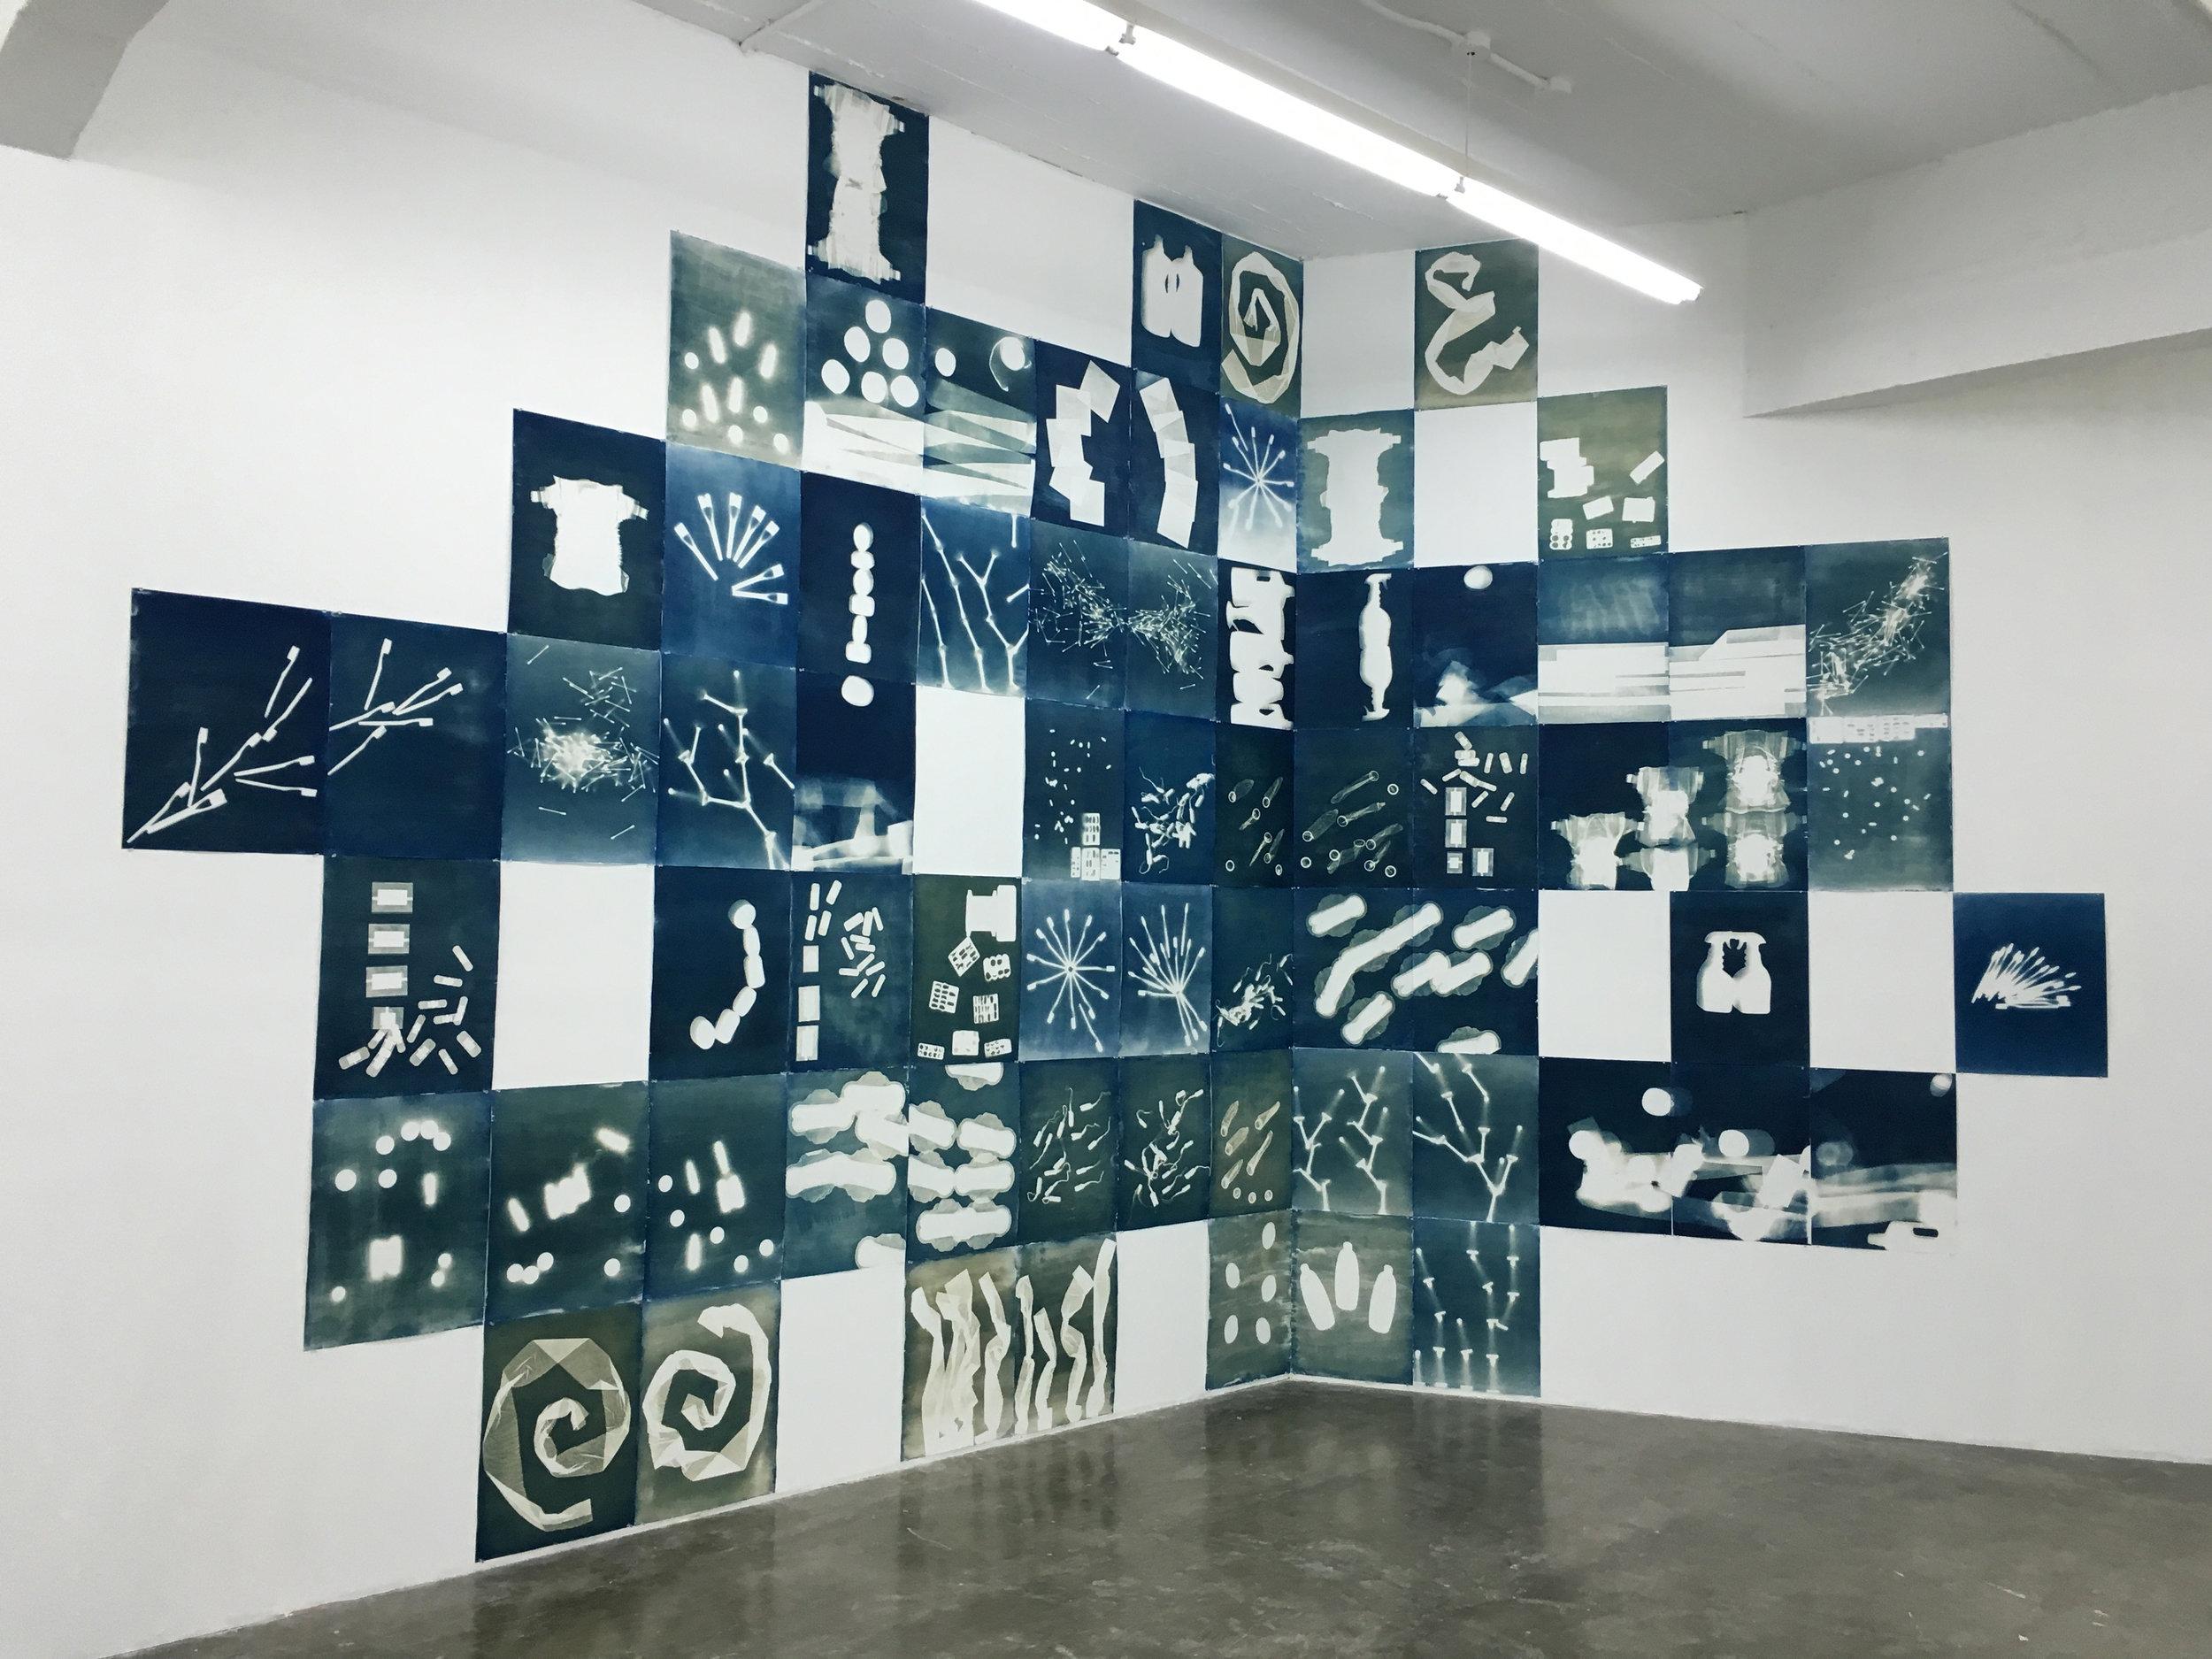 Inventario Personal (2016) Espacio Monitor, Centro de Arte Los Galpones. Instalación de 68 Cianotipos realizados en papel de algodón. 58x44 cm cada uno en pared de 8 metros longitudinales por 4 metros de altura.